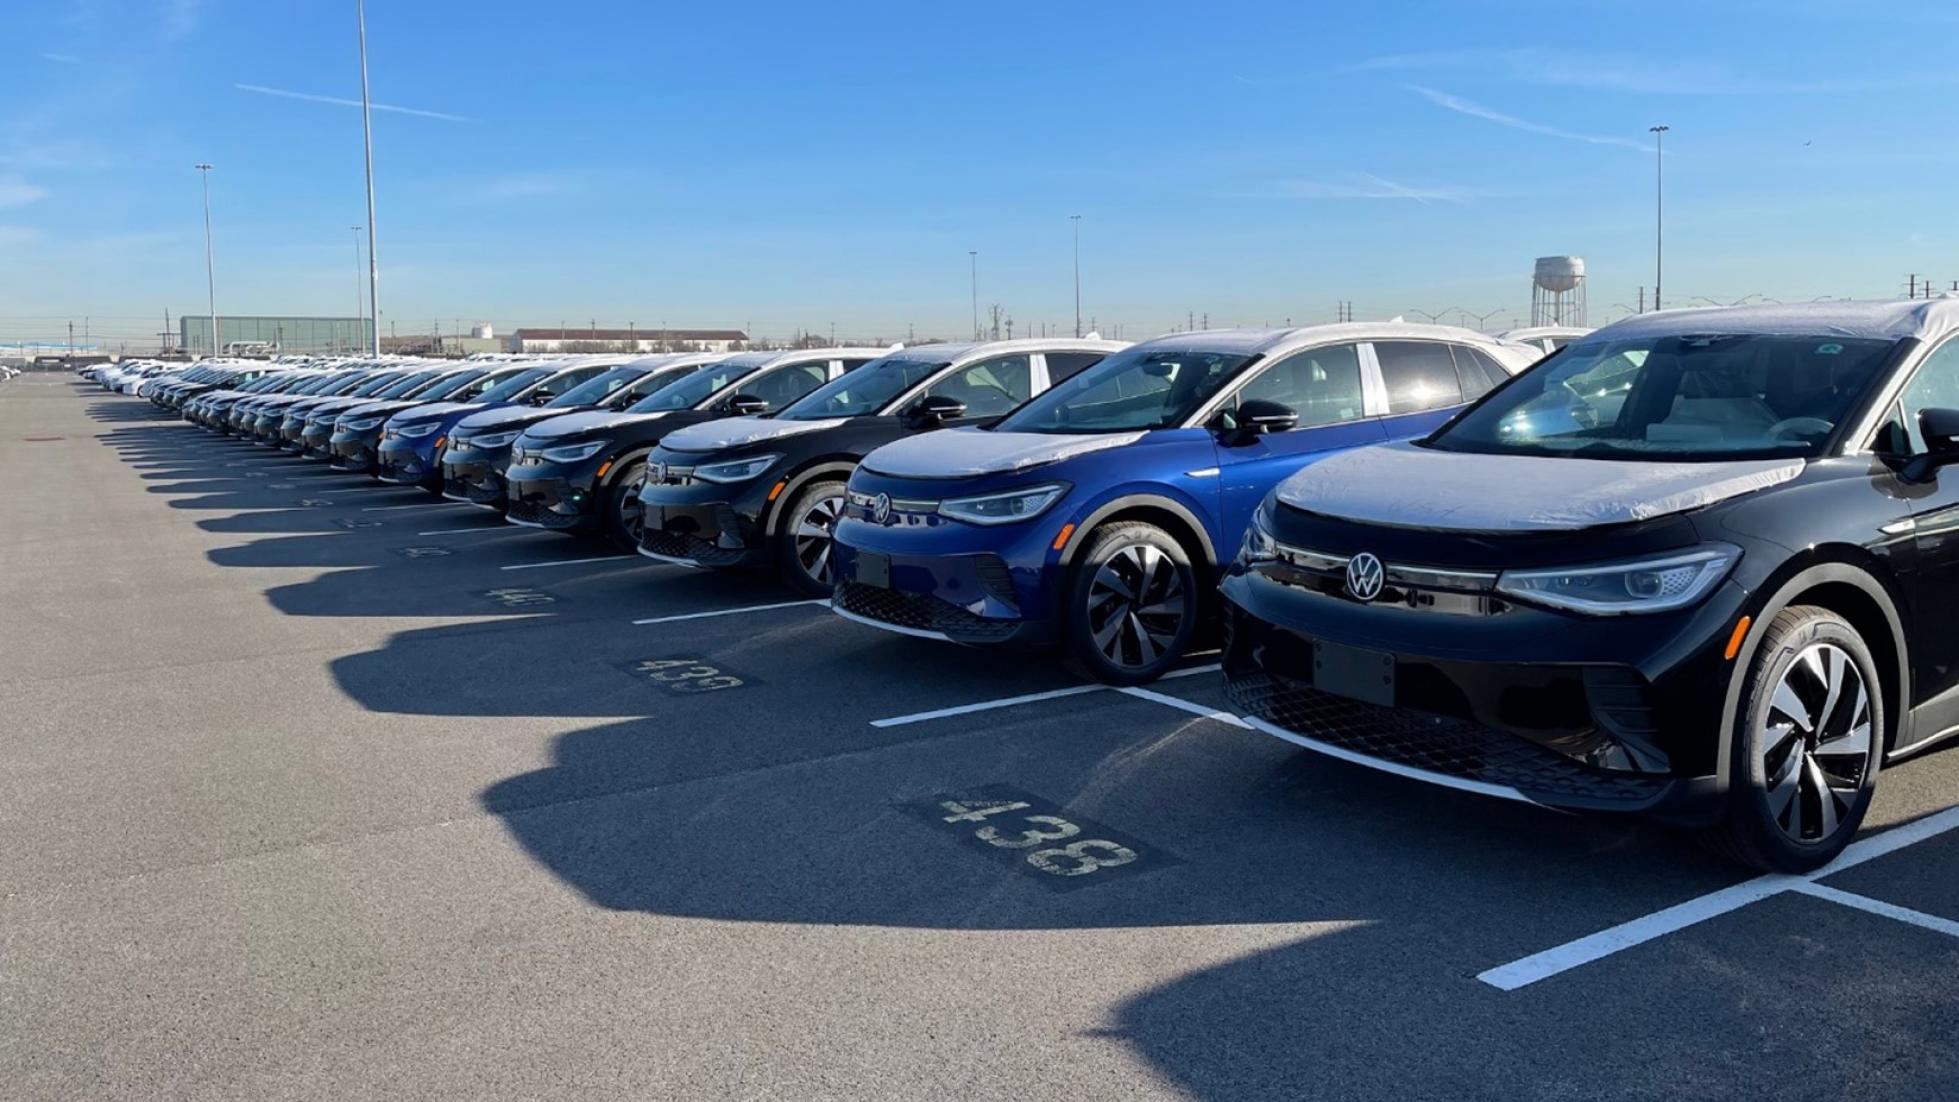 A fleet of Volkwagen cars